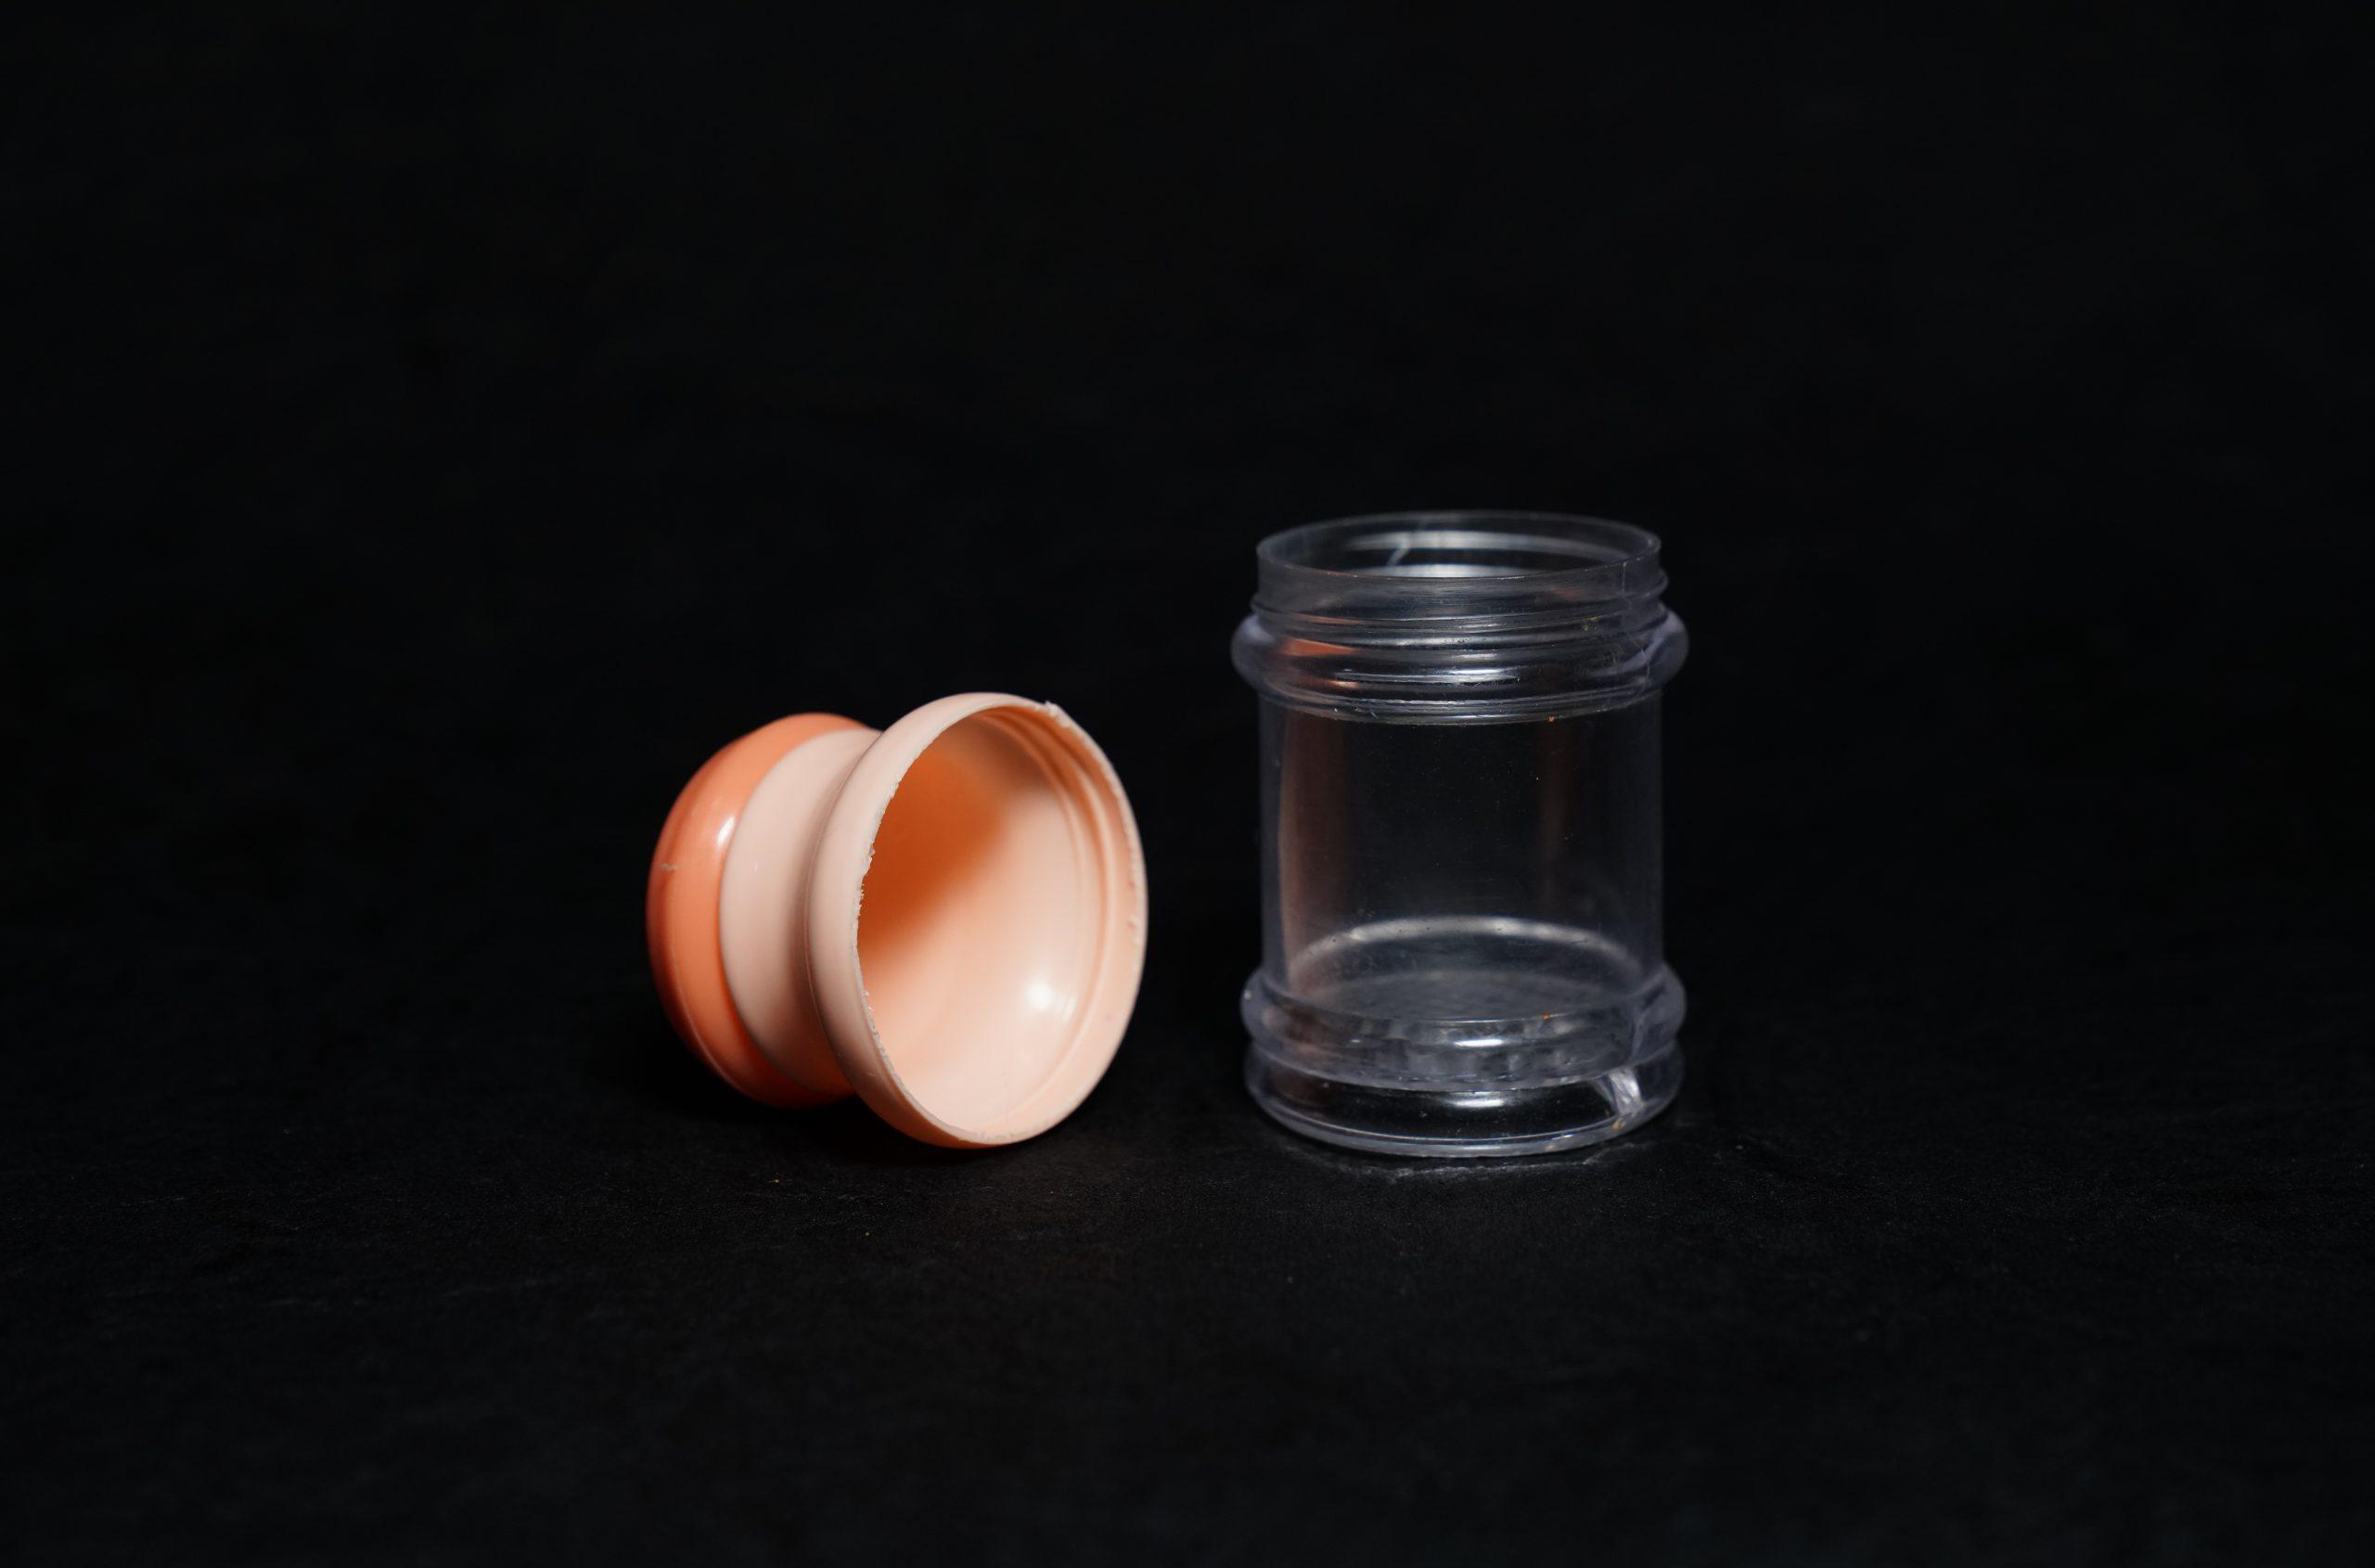 A saltbox